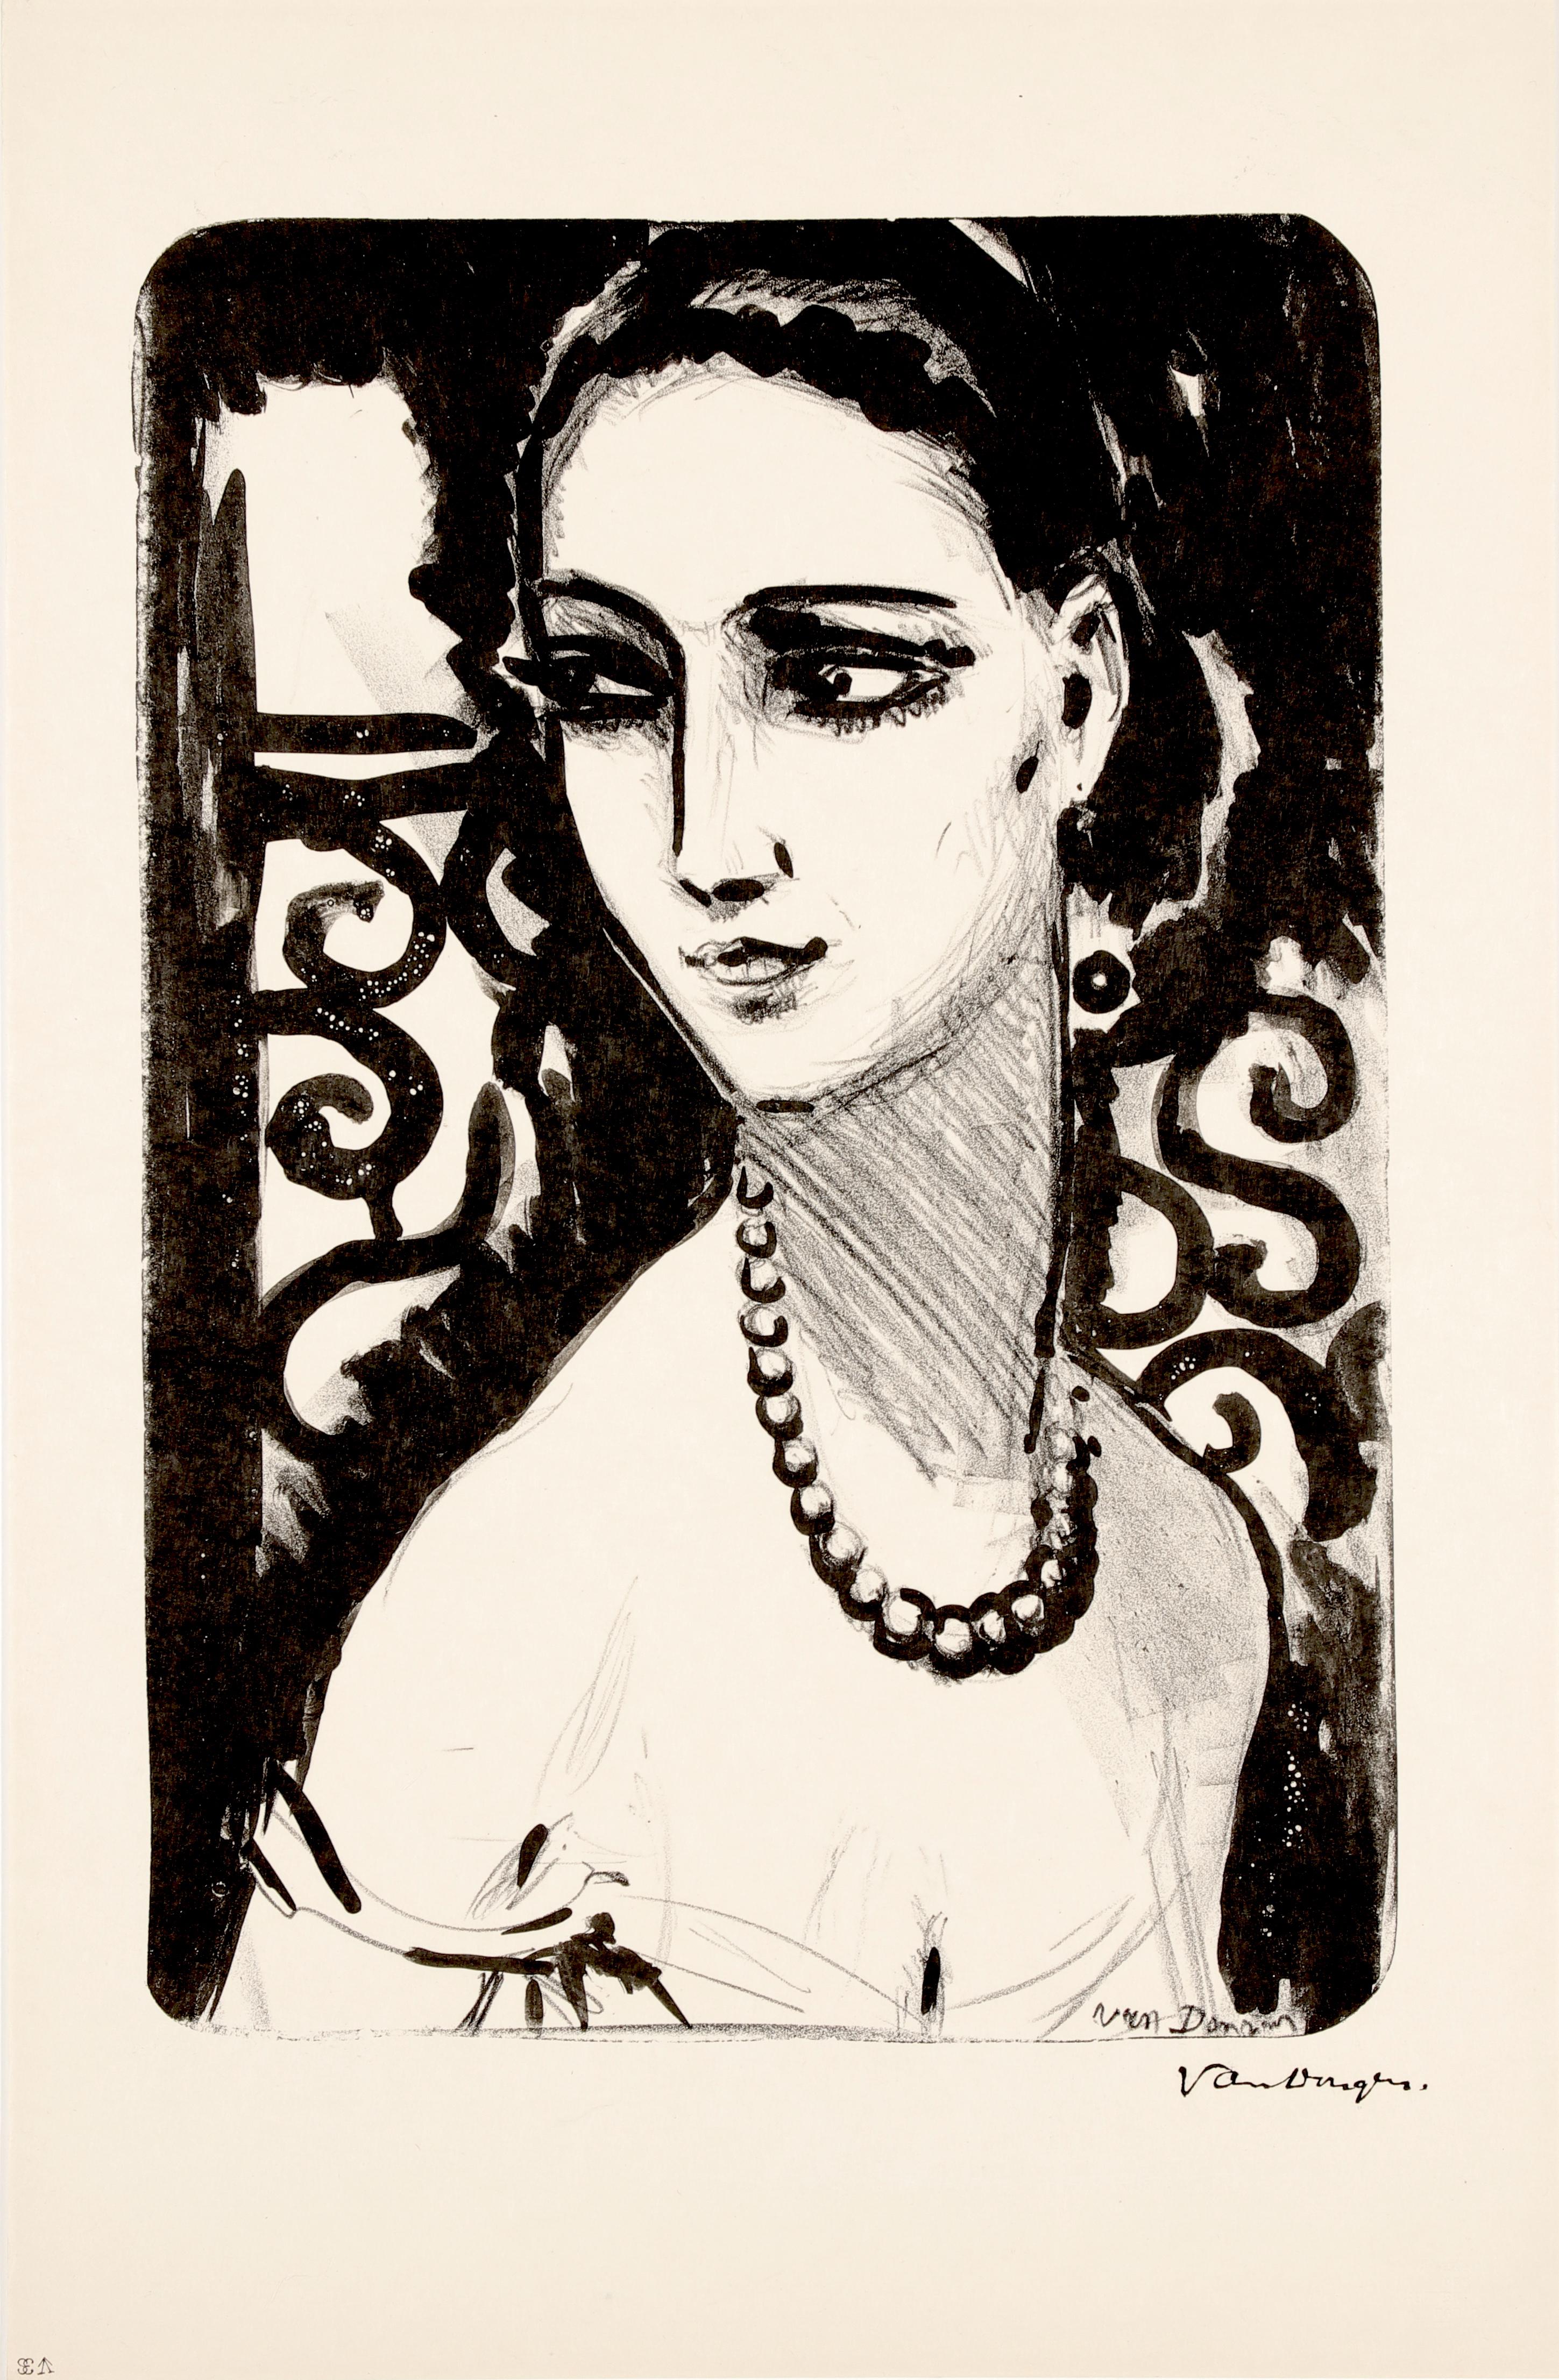 Van Dongen- Le Collier de Perles